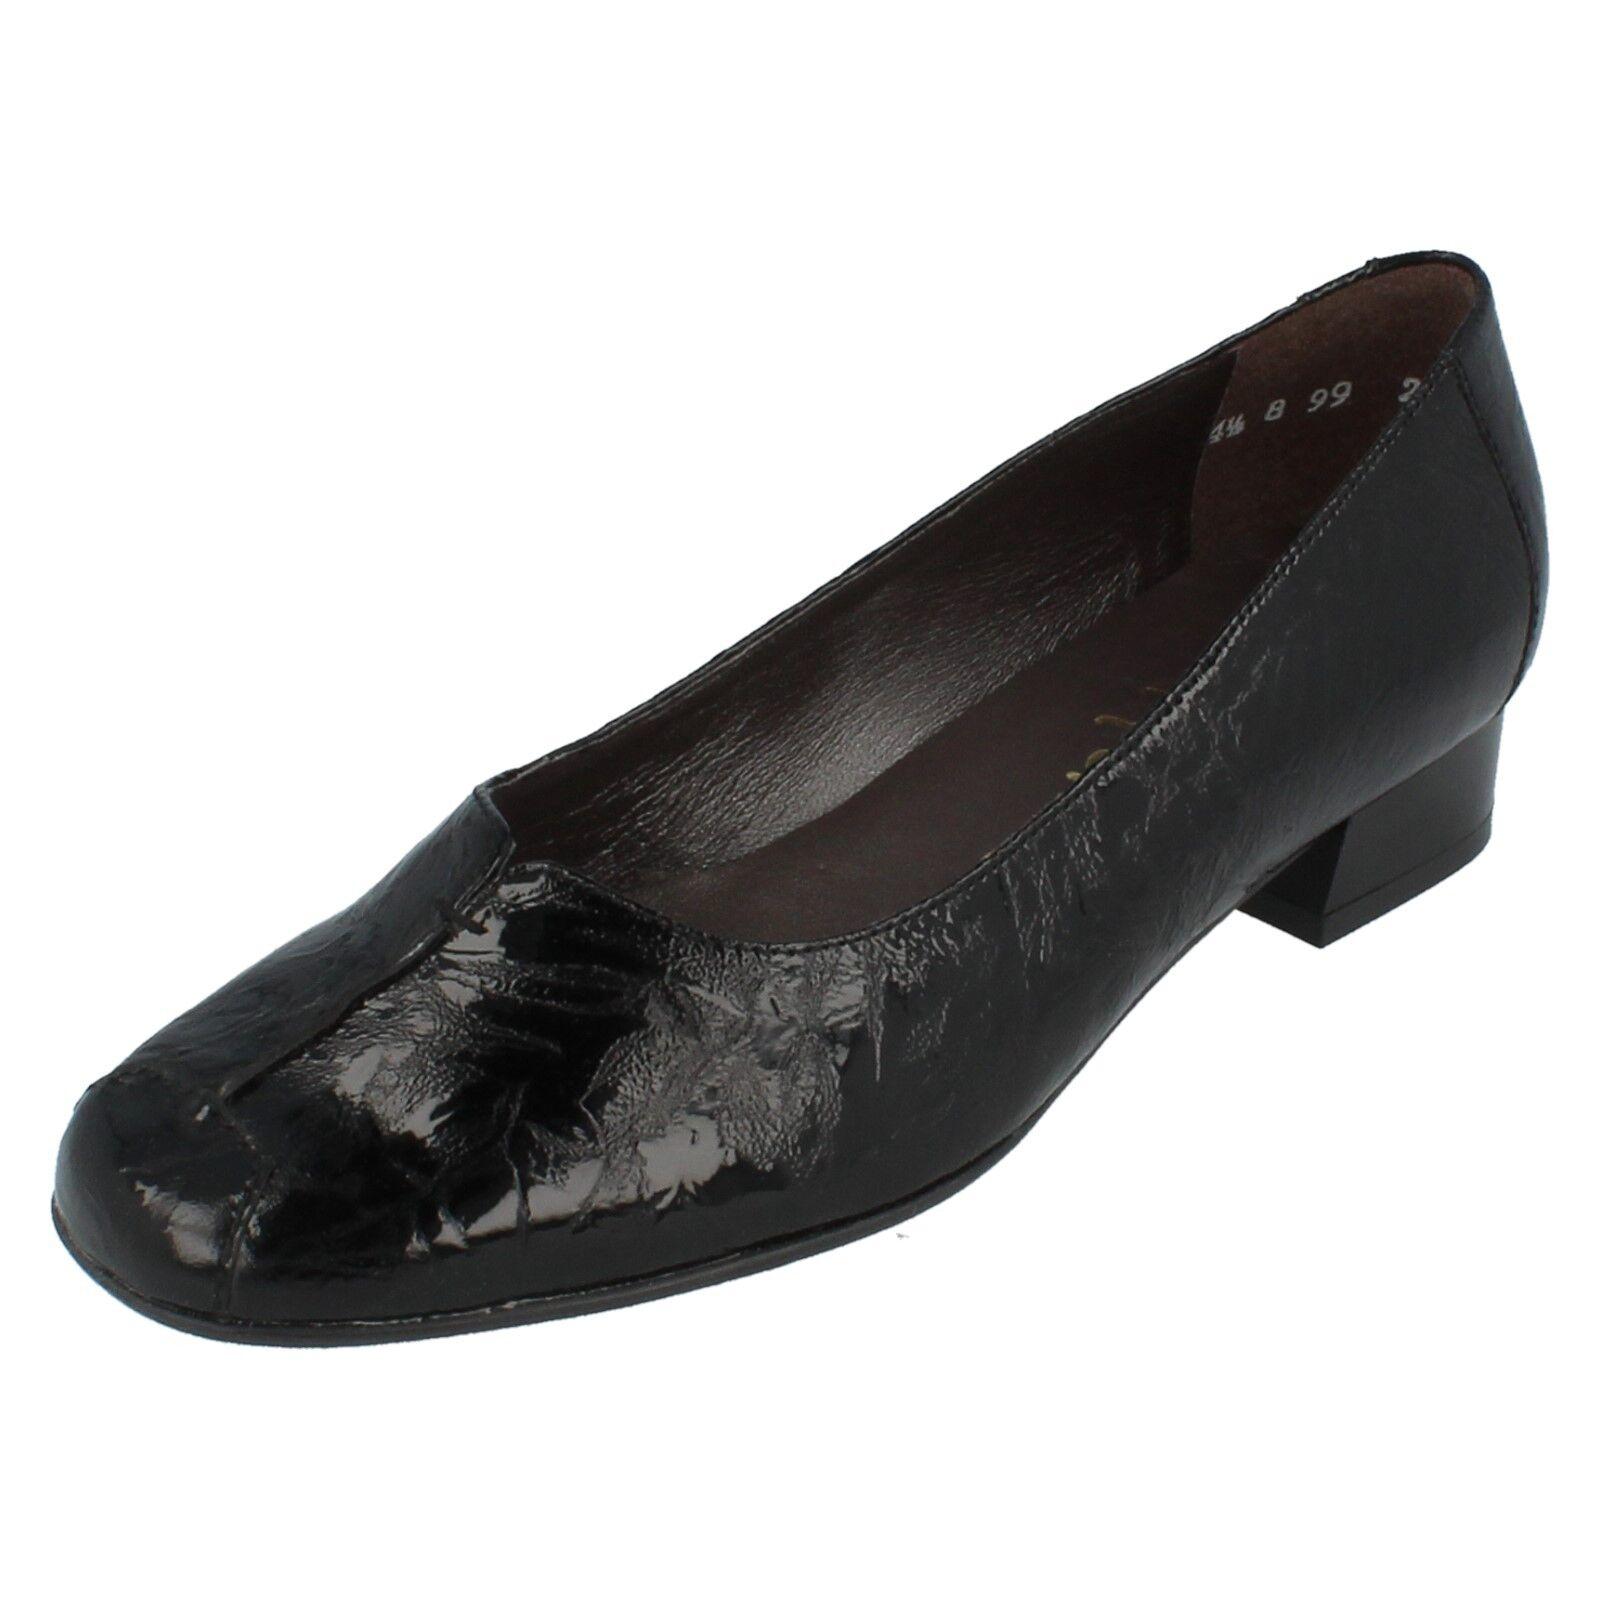 Mujer Sandpiper Sandpiper Mujer Zapatillas Charol Negro talla 3625b6